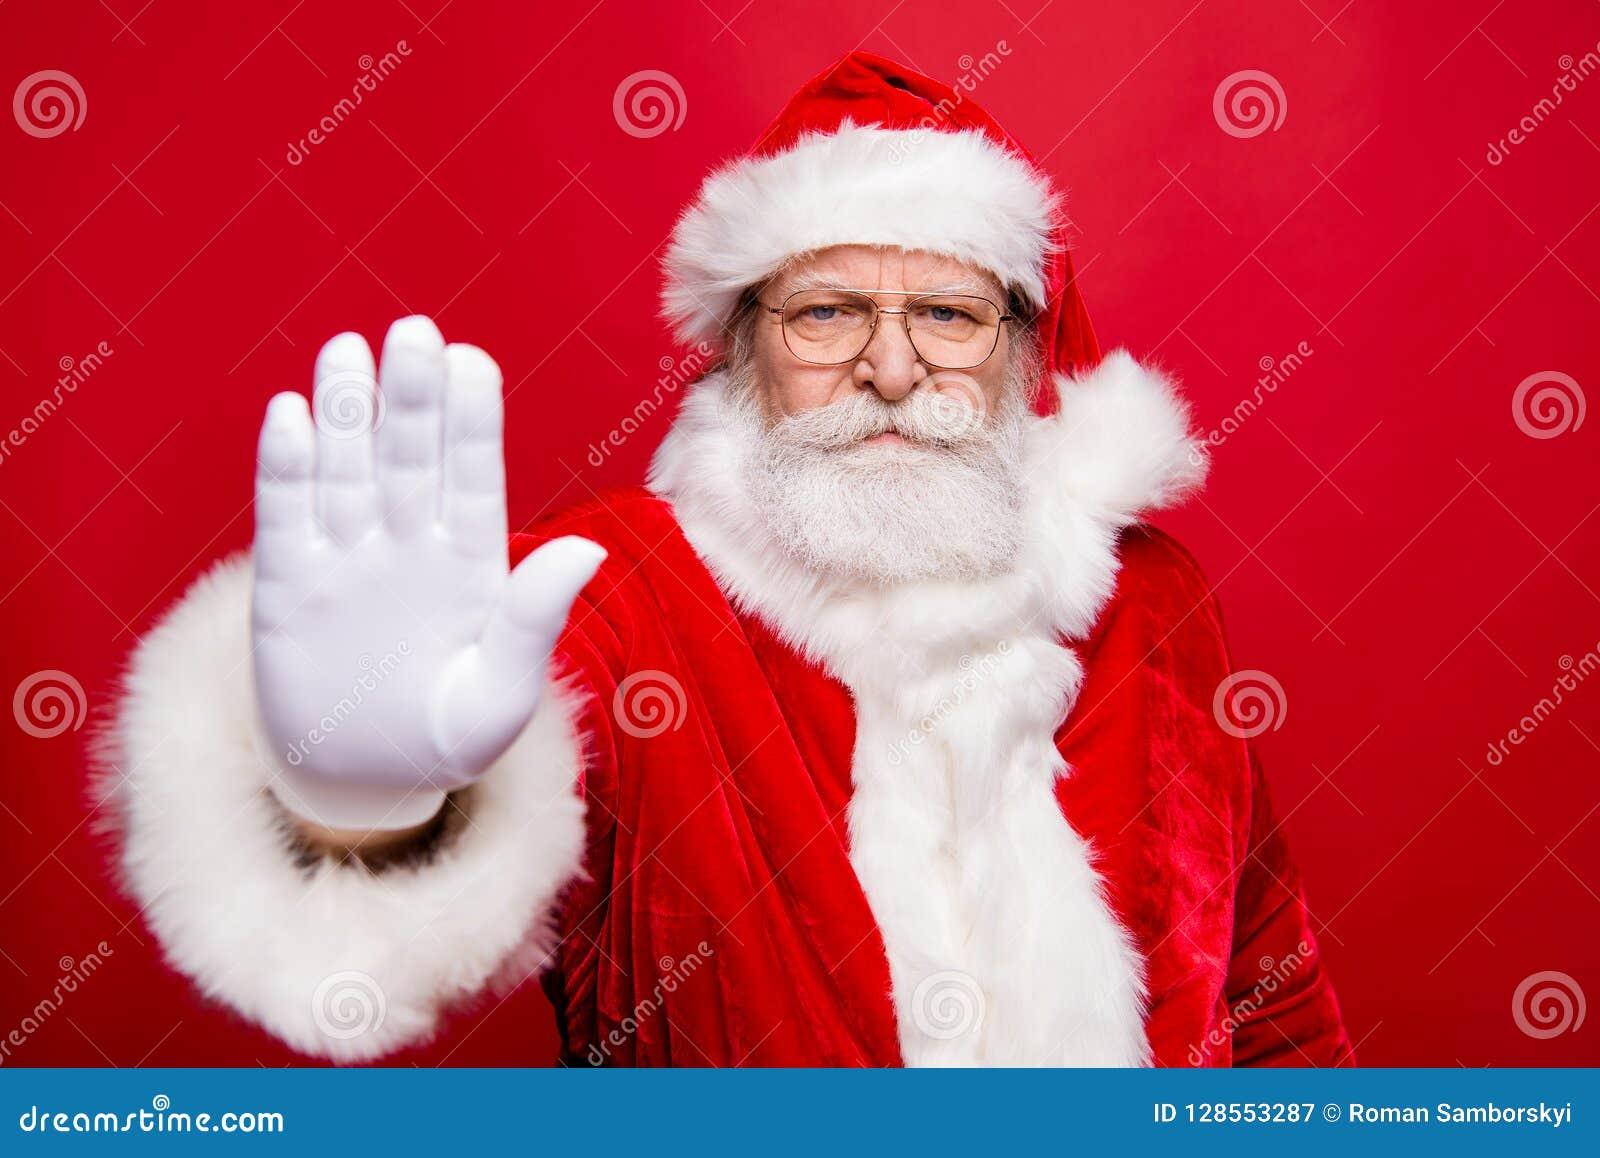 Retrato do avô olhando de sobrancelhas franzidas seguro sério à moda Santa